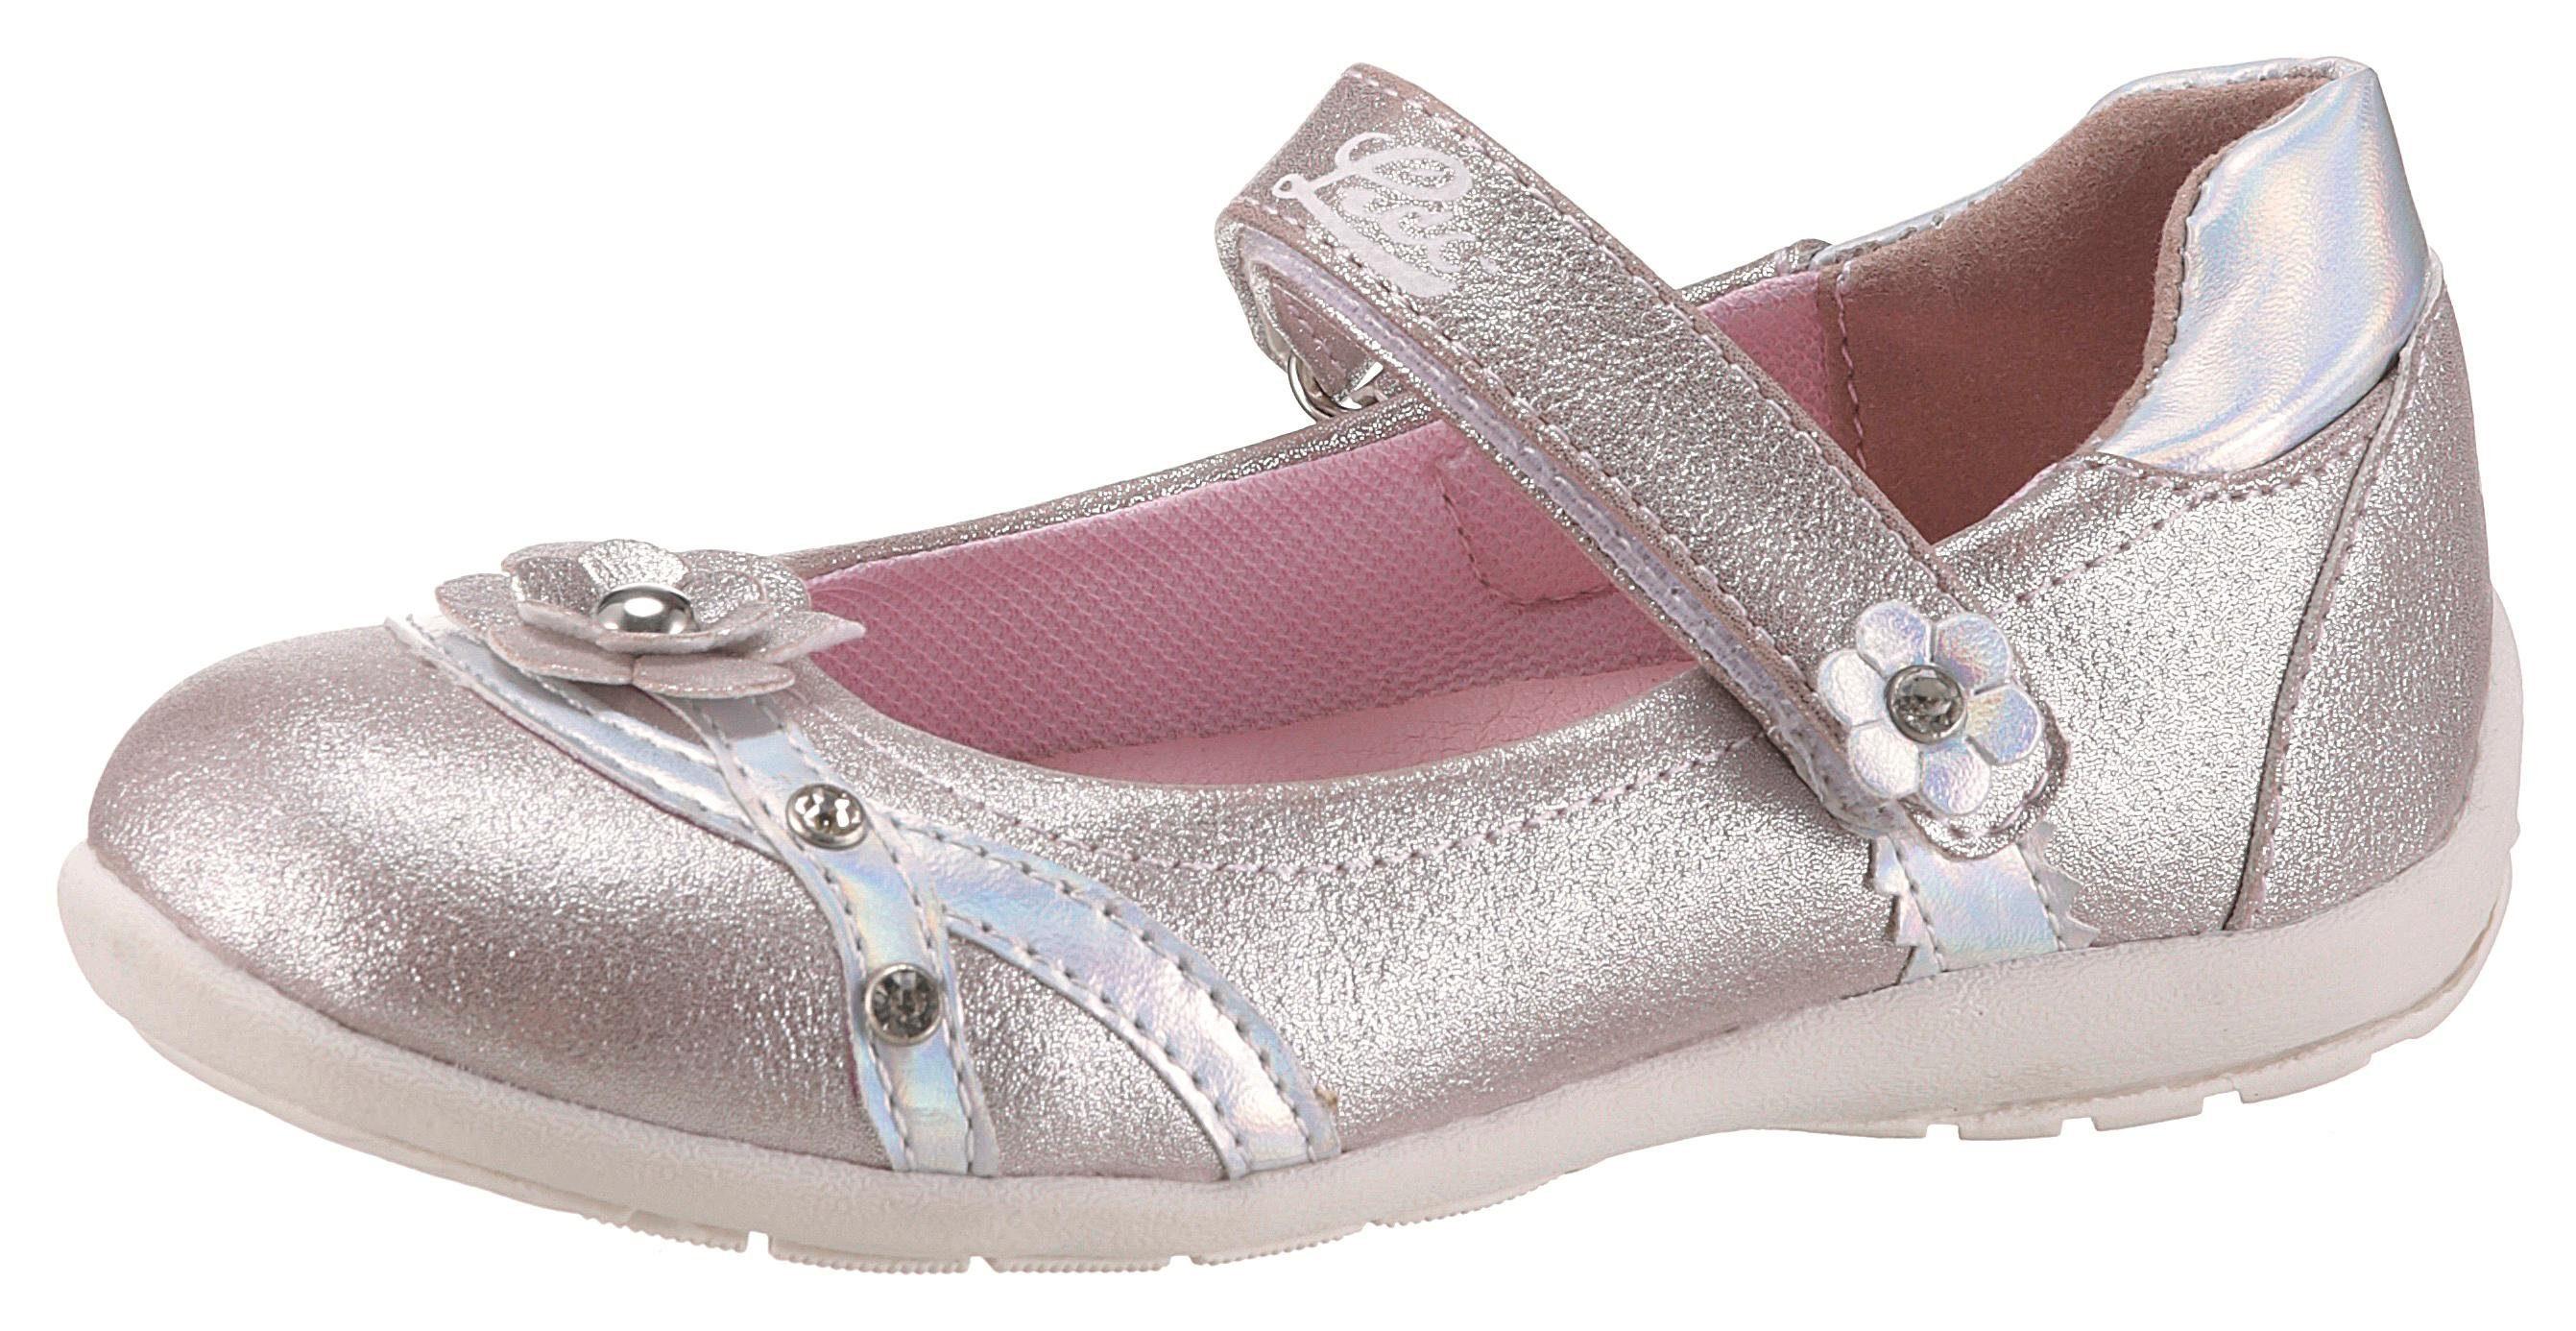 Lico »Mona V« Ballerina mit verstellbarem Klettverschluss online kaufen | OTTO